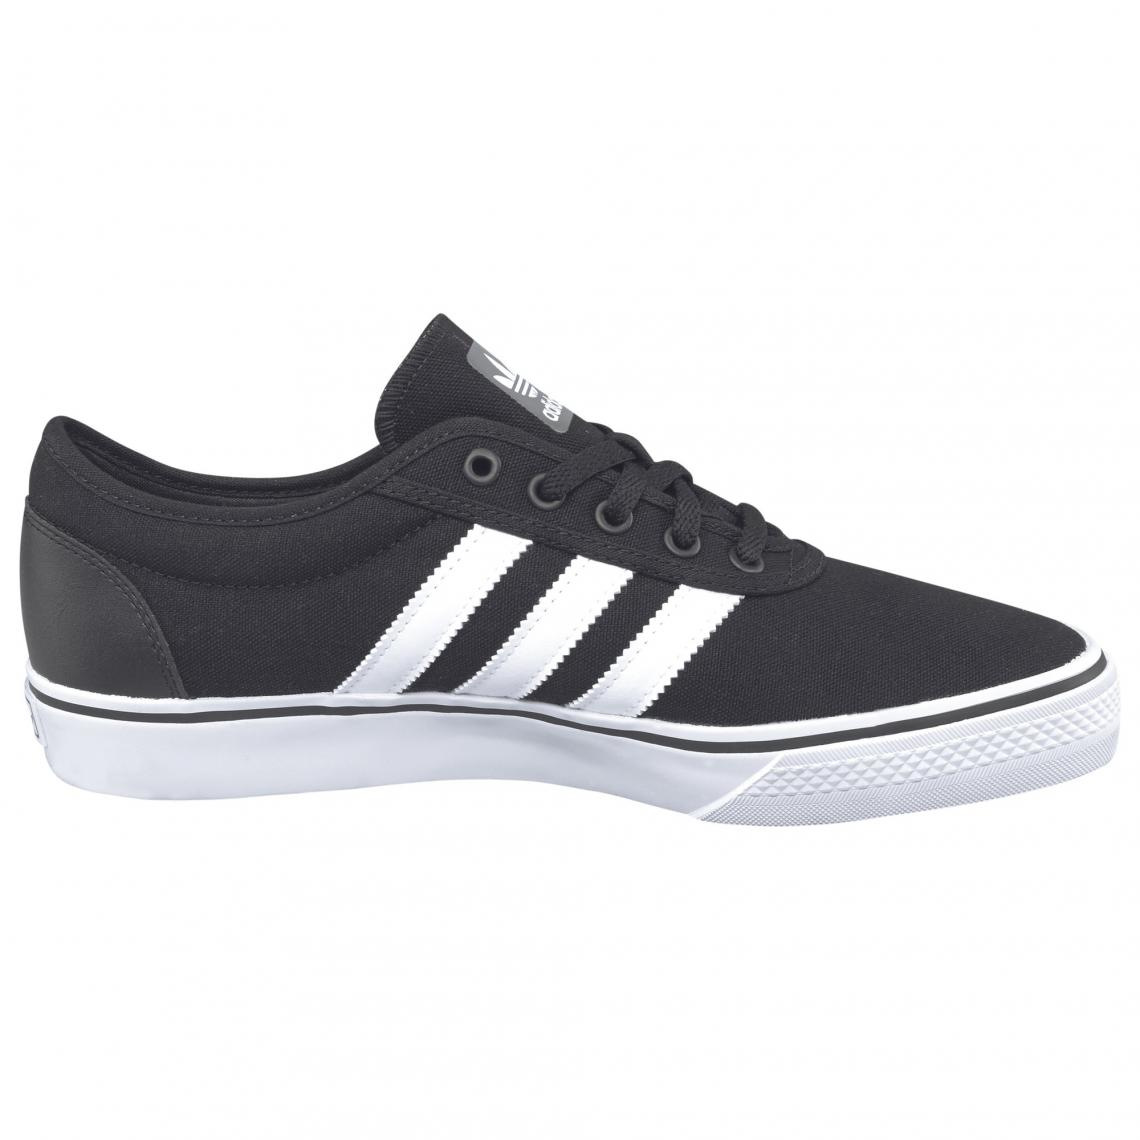 site réputé cabb2 6857a Baskets Adi-Ease homme Adidas Originals - Noir   3 SUISSES